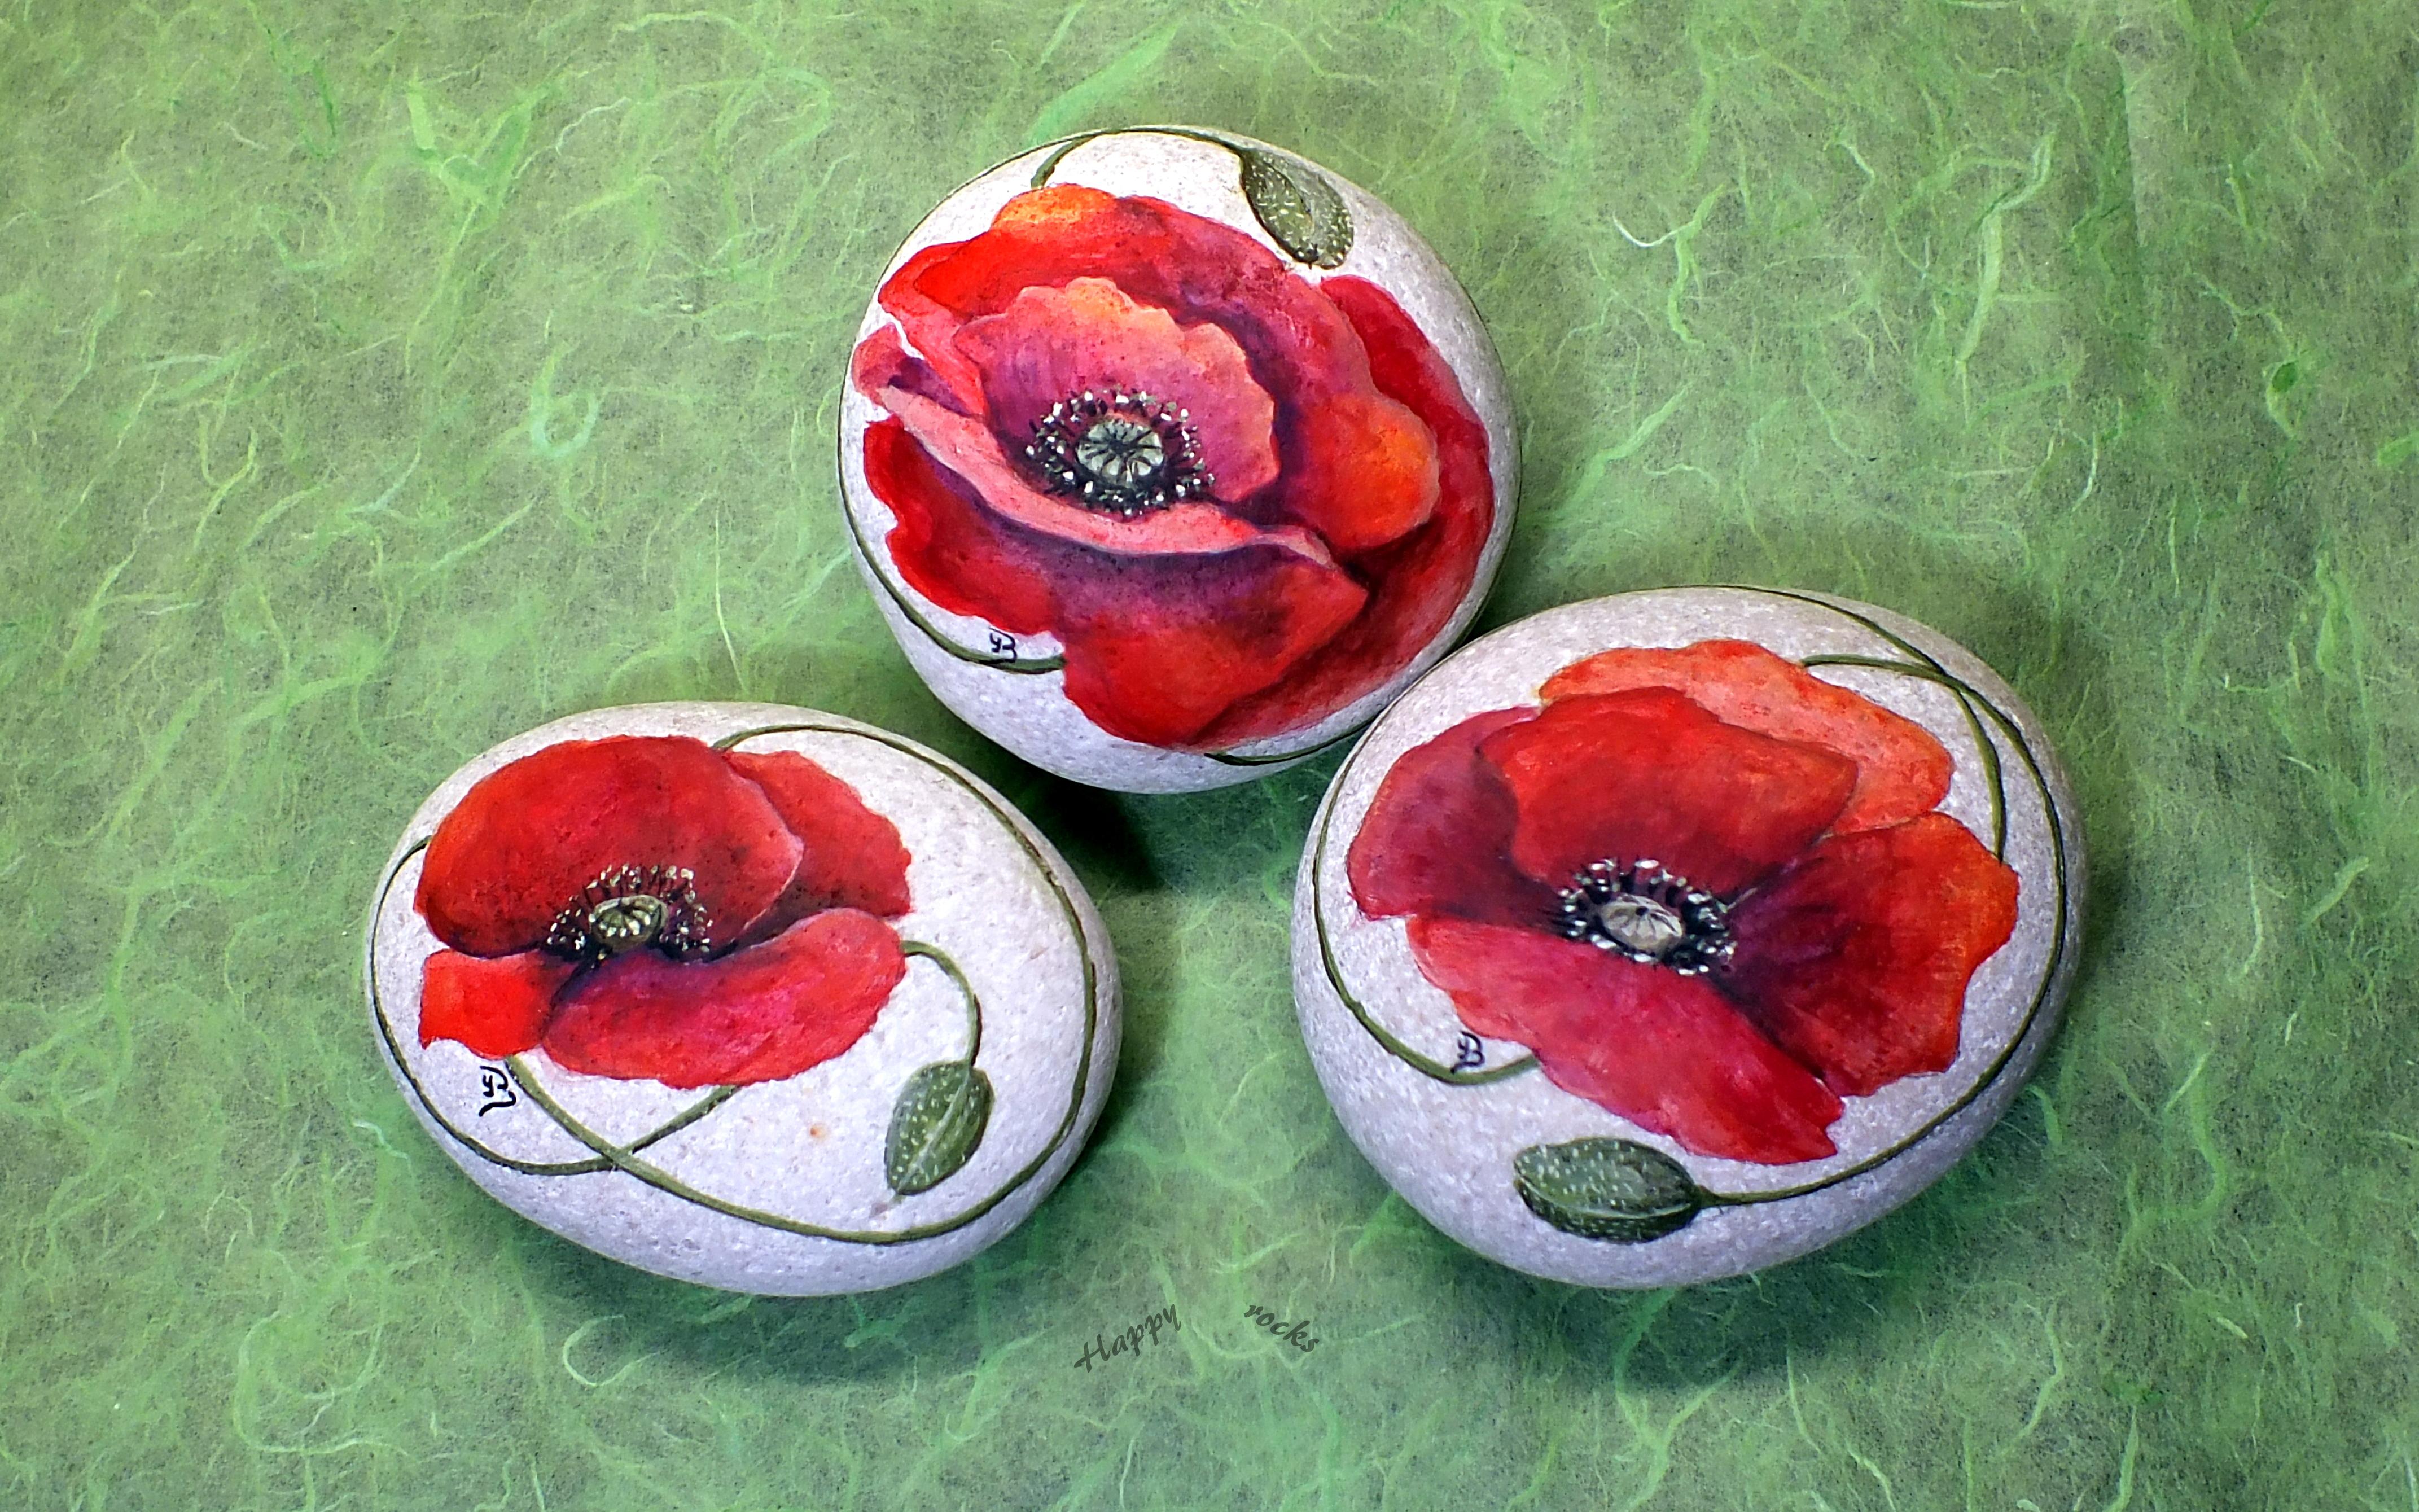 Coquelicots - poppies